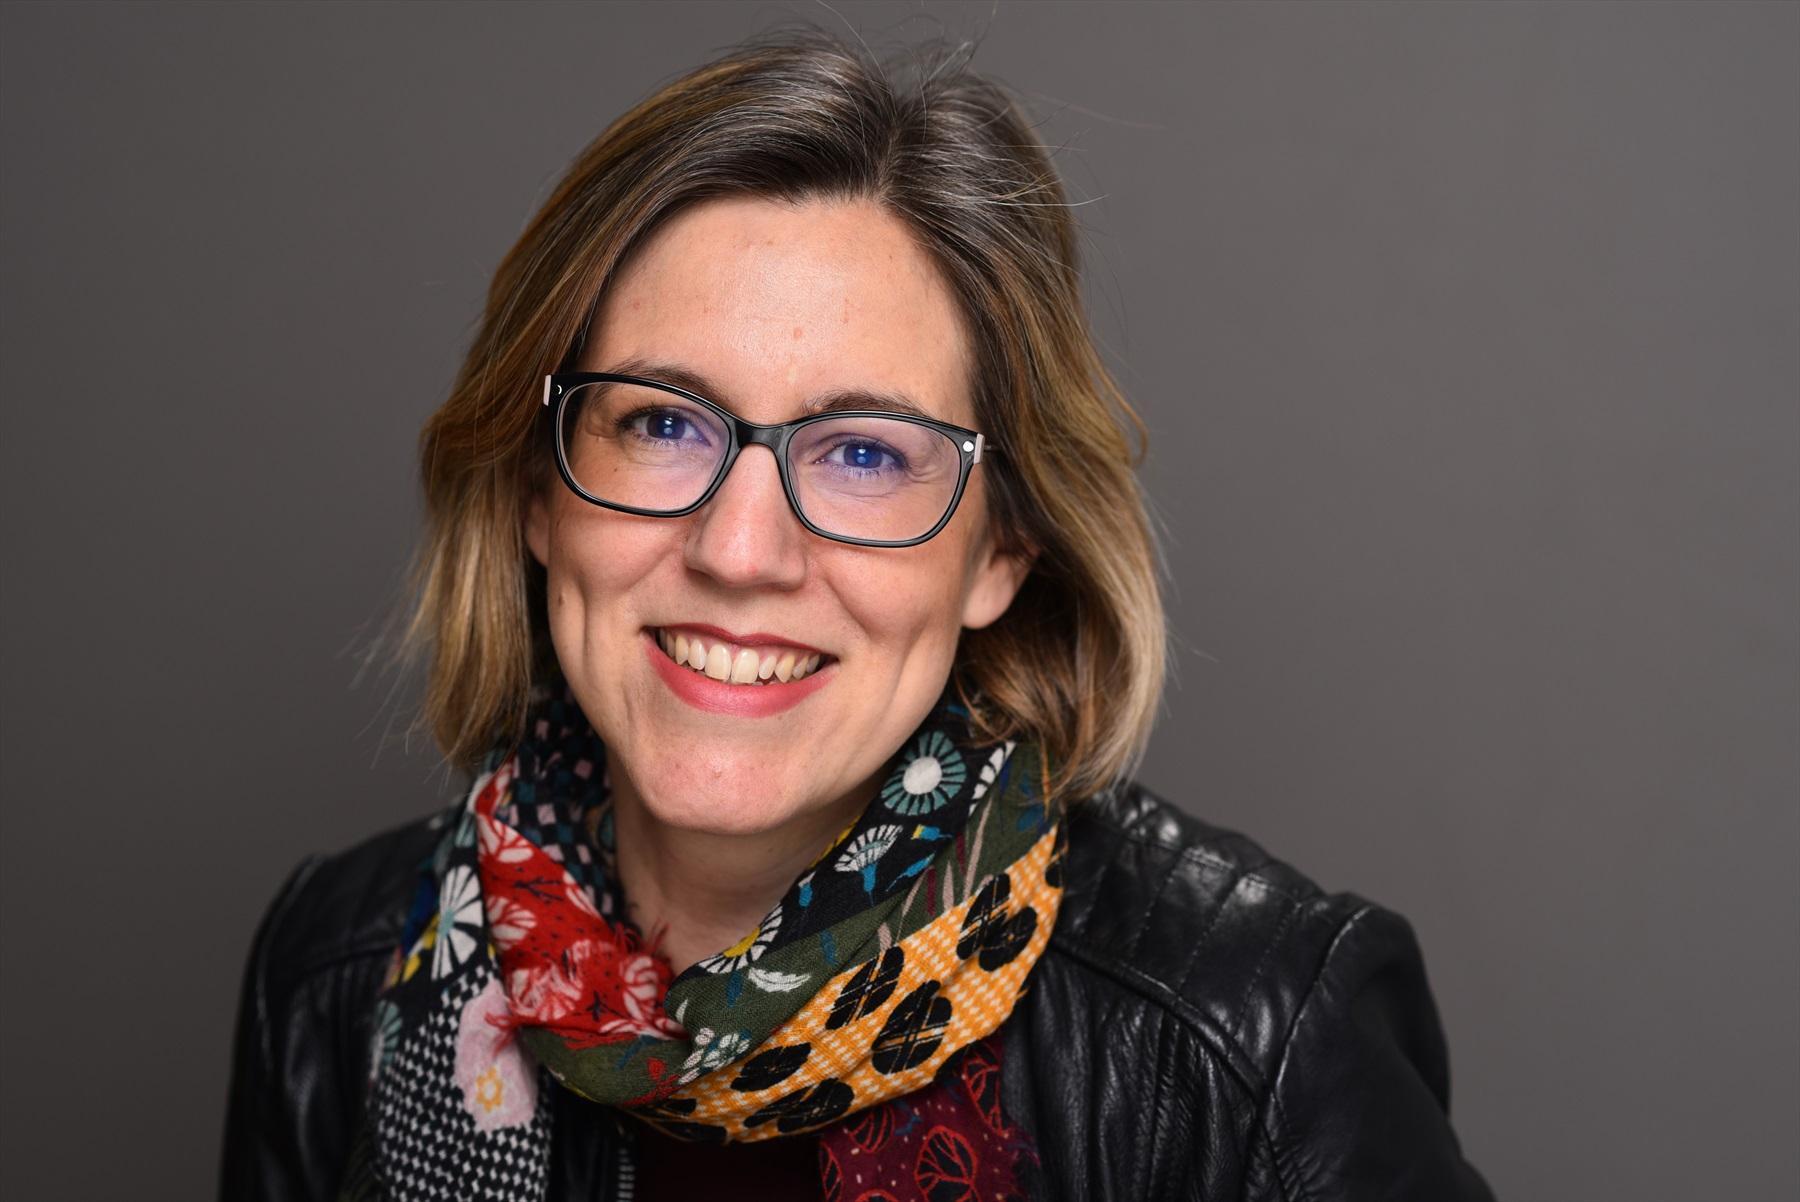 Dr Ana Gisbert